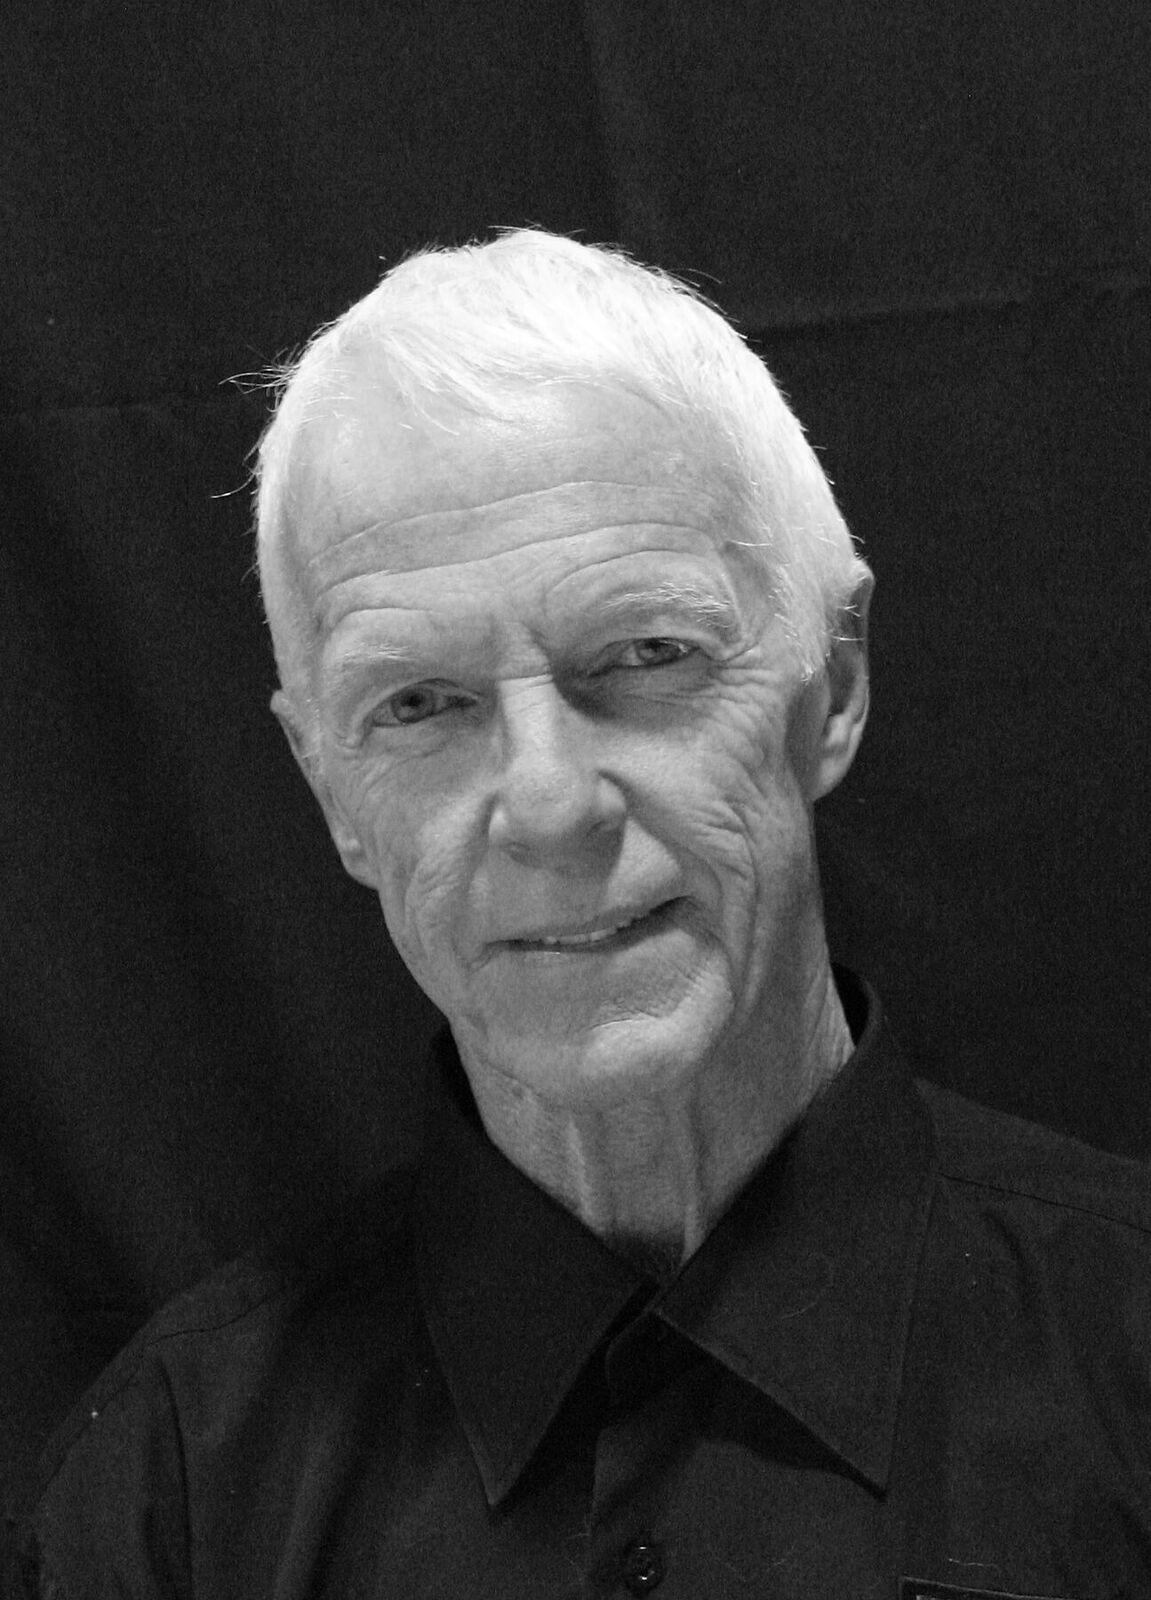 Morley Davis - VON SCHREIBER & ENSEMBLE